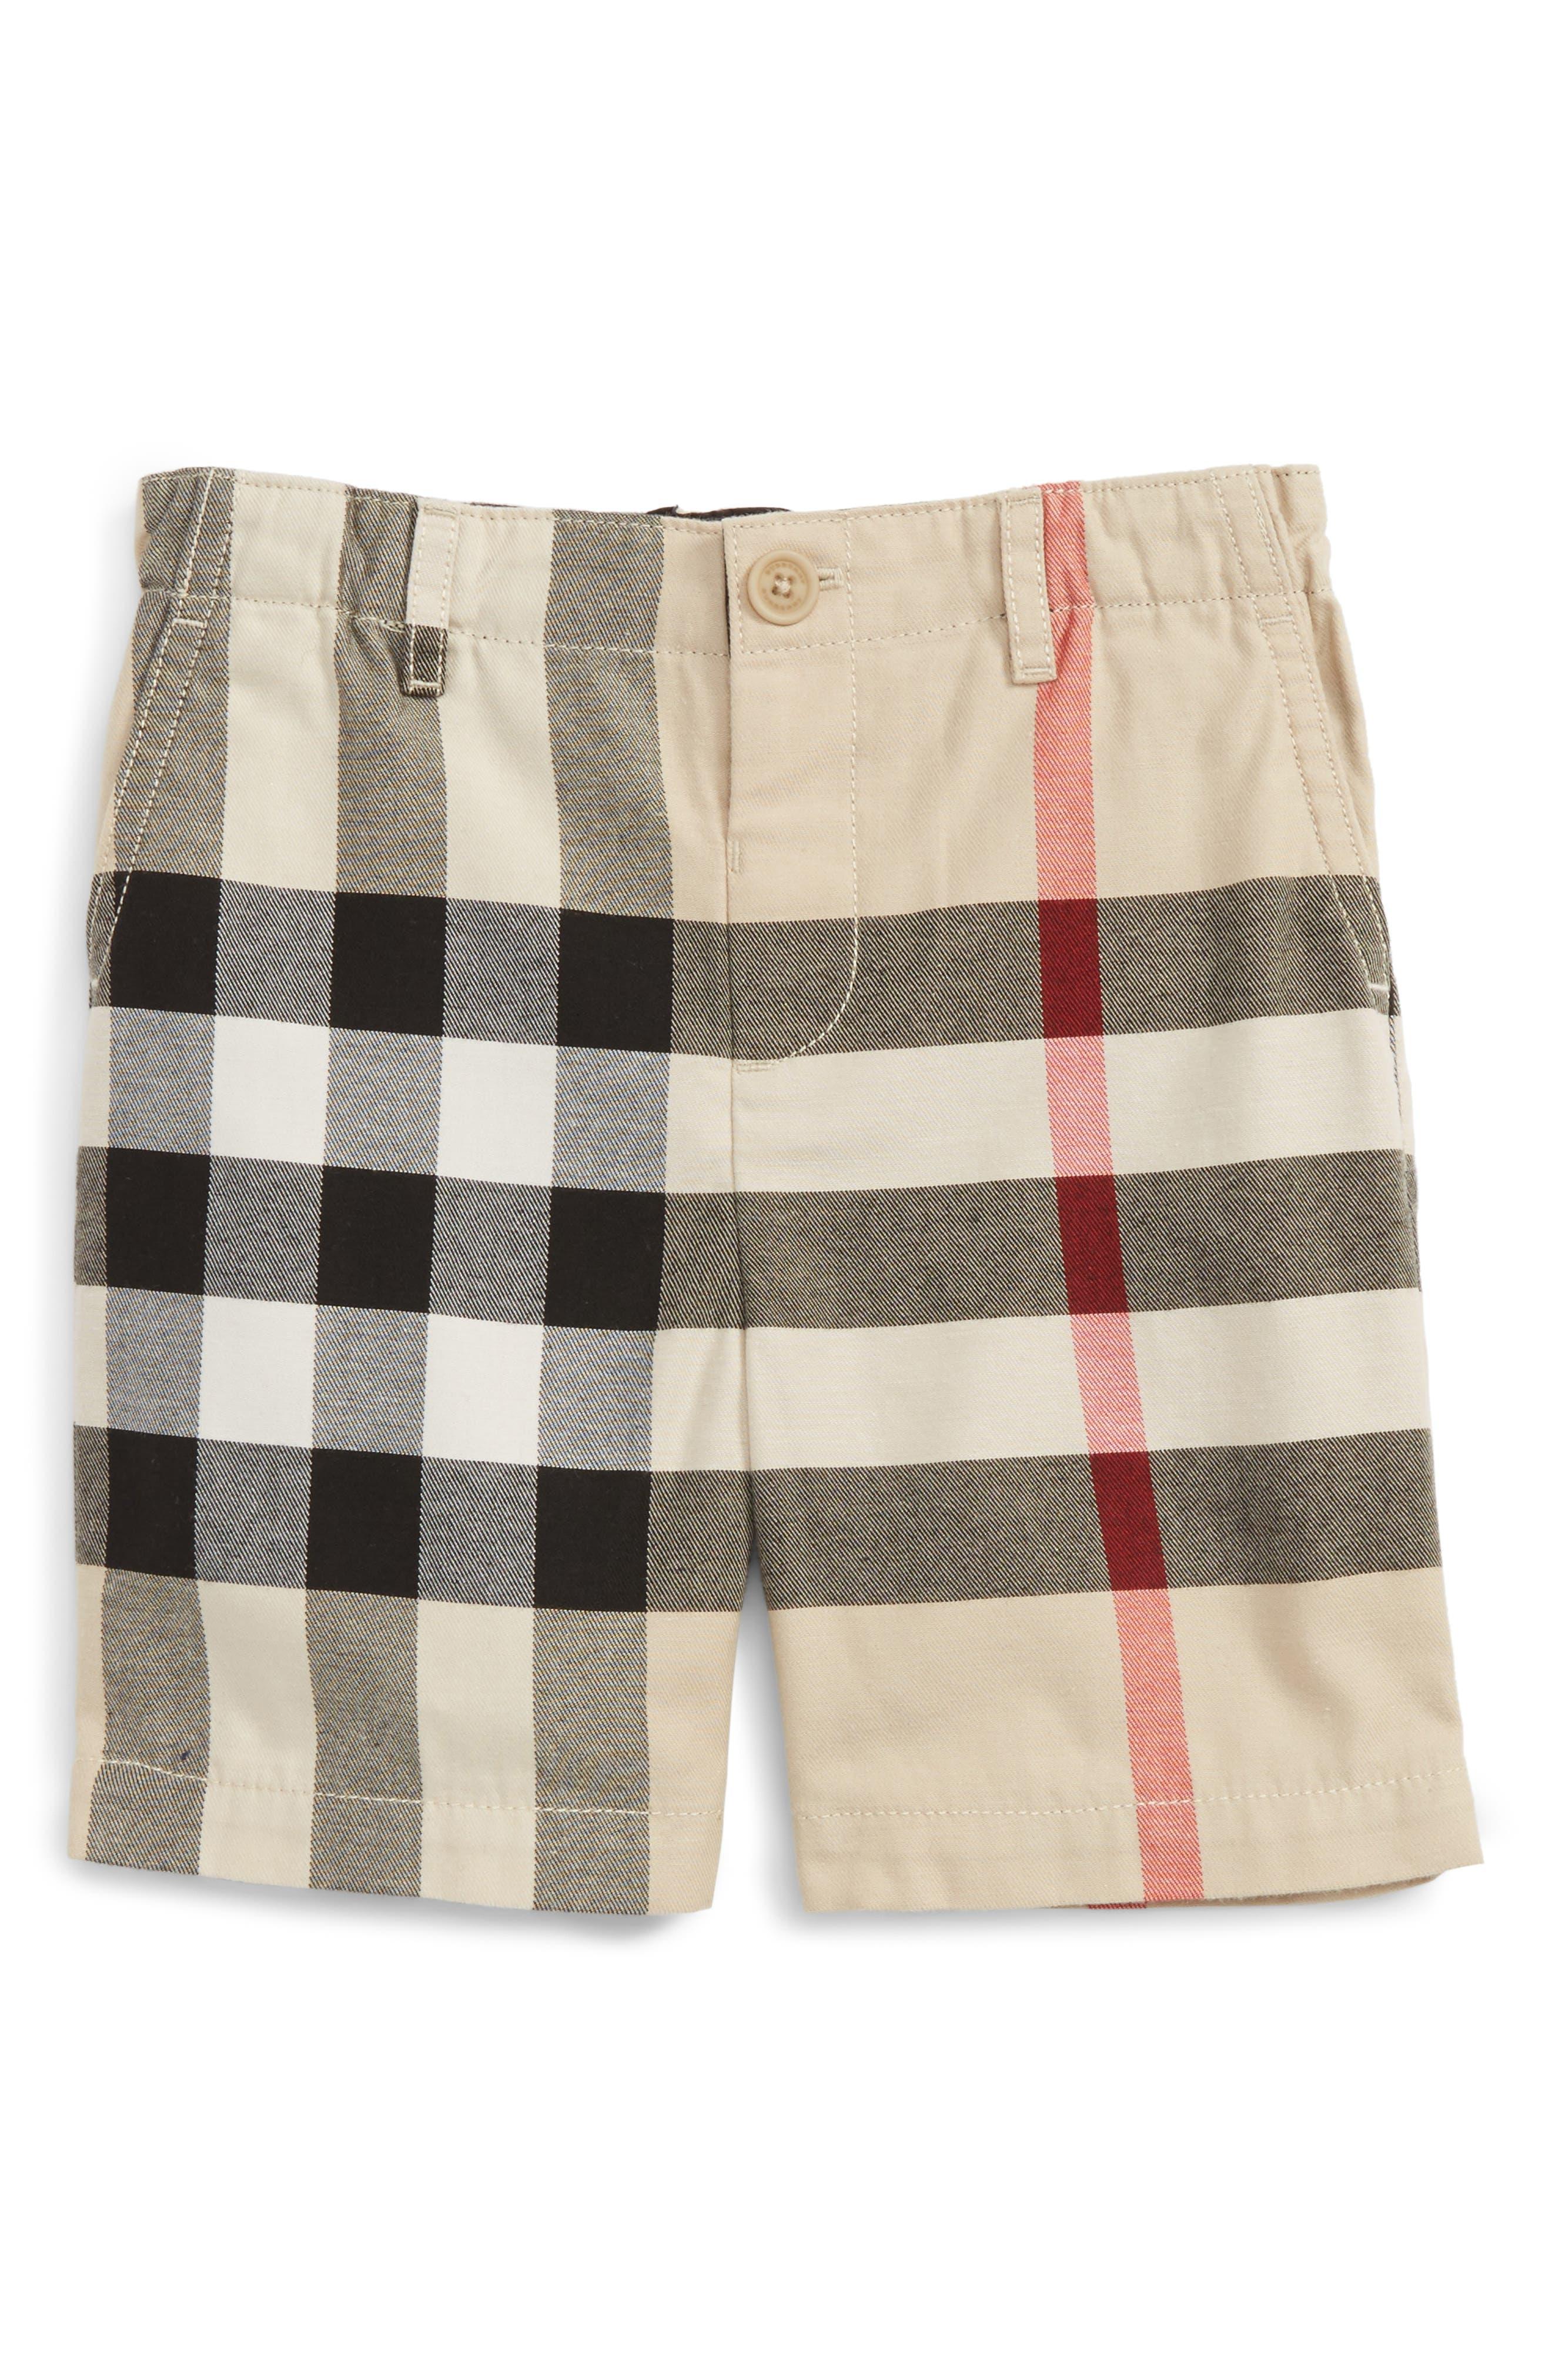 BURBERRY,                             Sean Check Print Shorts,                             Main thumbnail 1, color,                             250